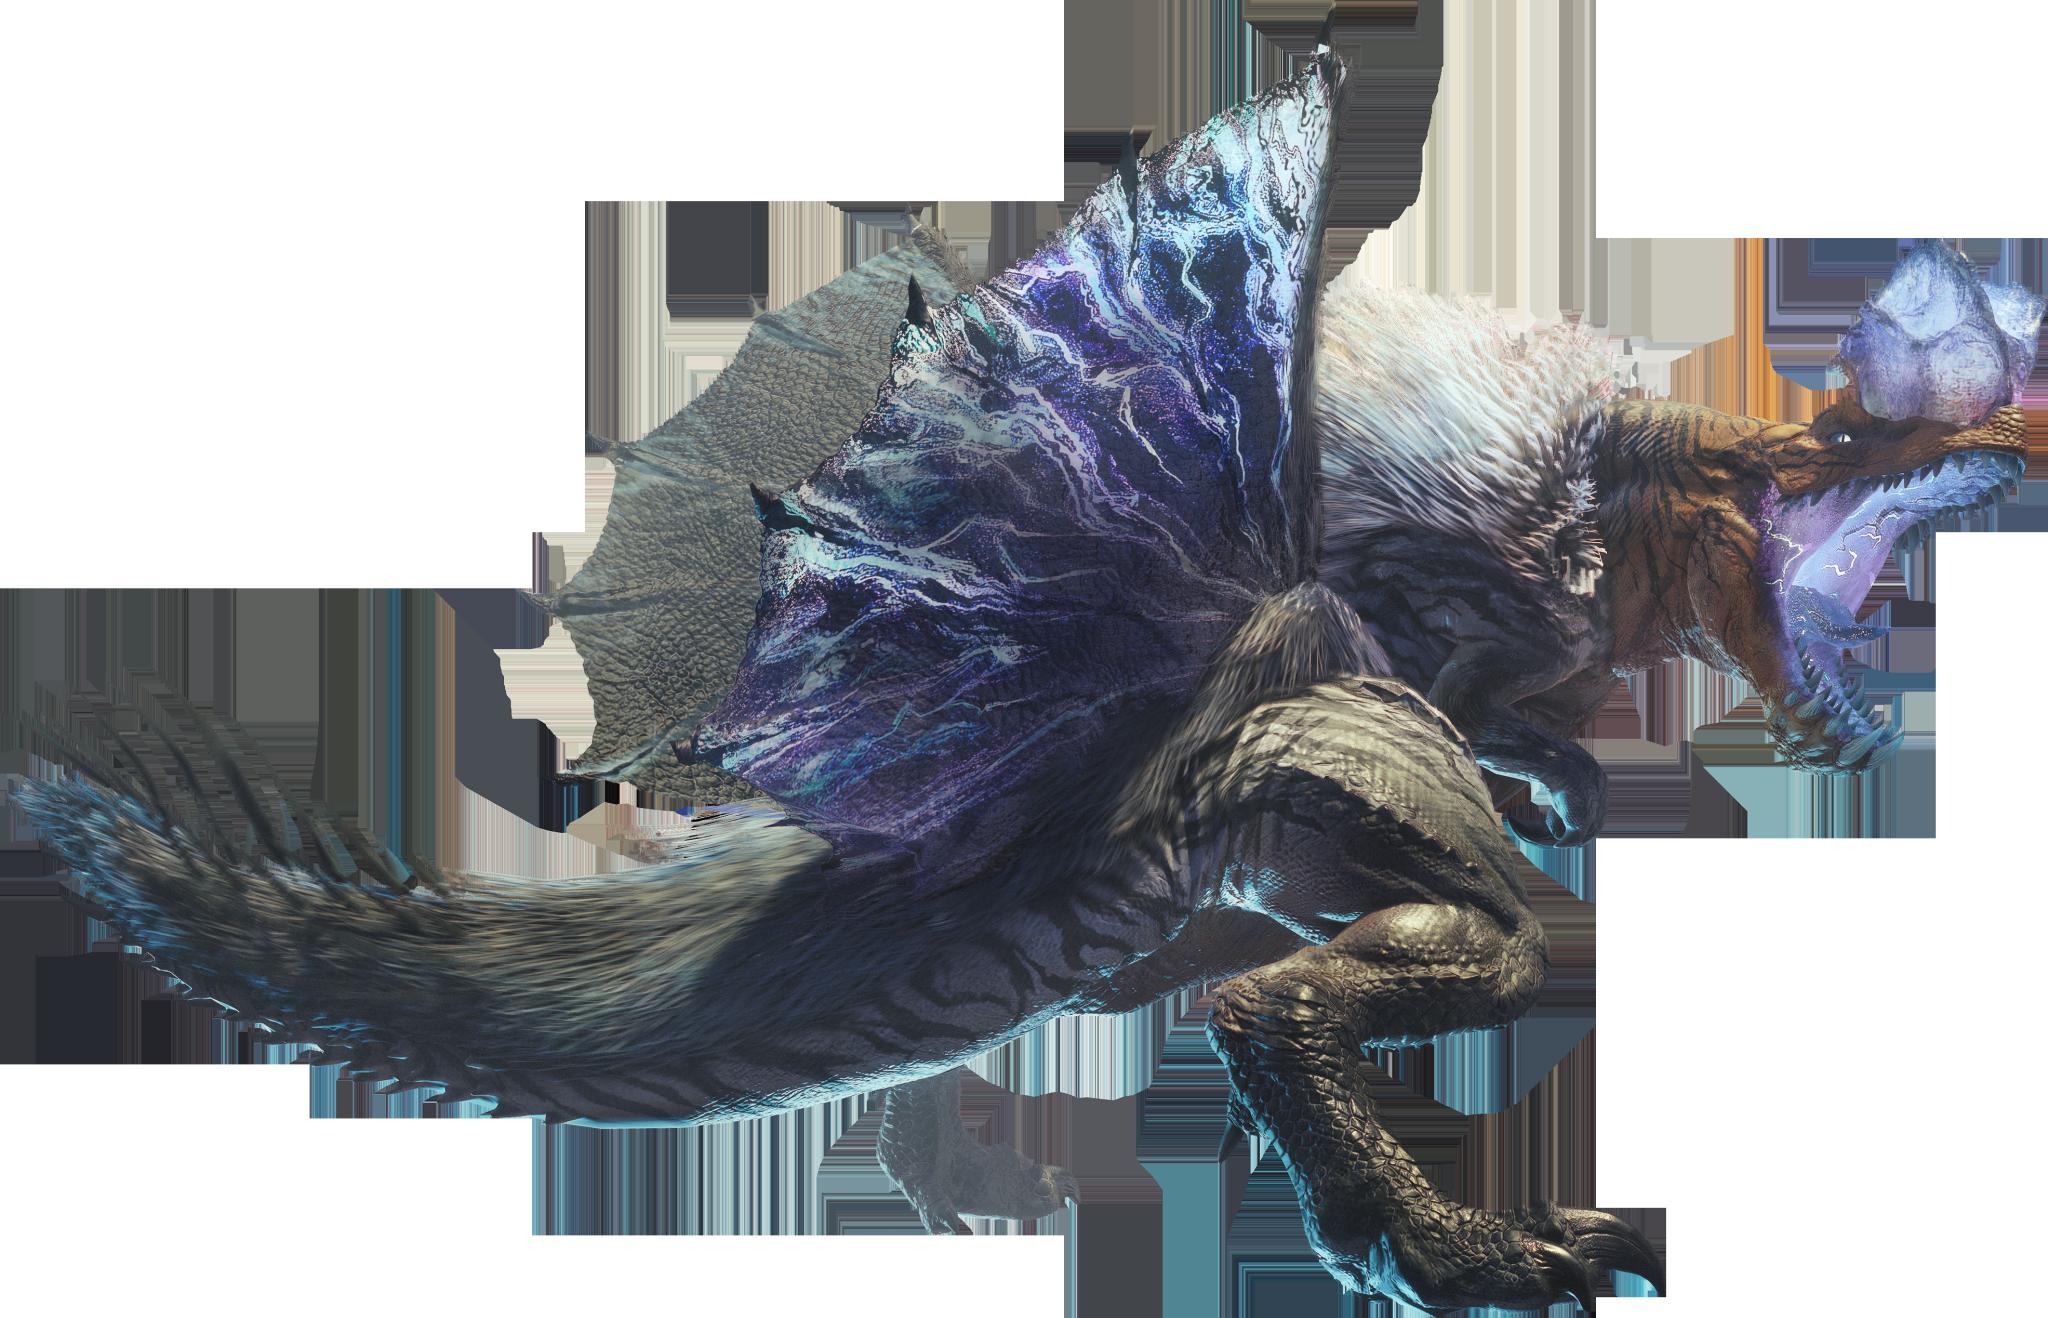 Fulgur Anjanath Mhw Iceborne Monster Hunter Art Monster Hunter Wiki Fantasy Monster